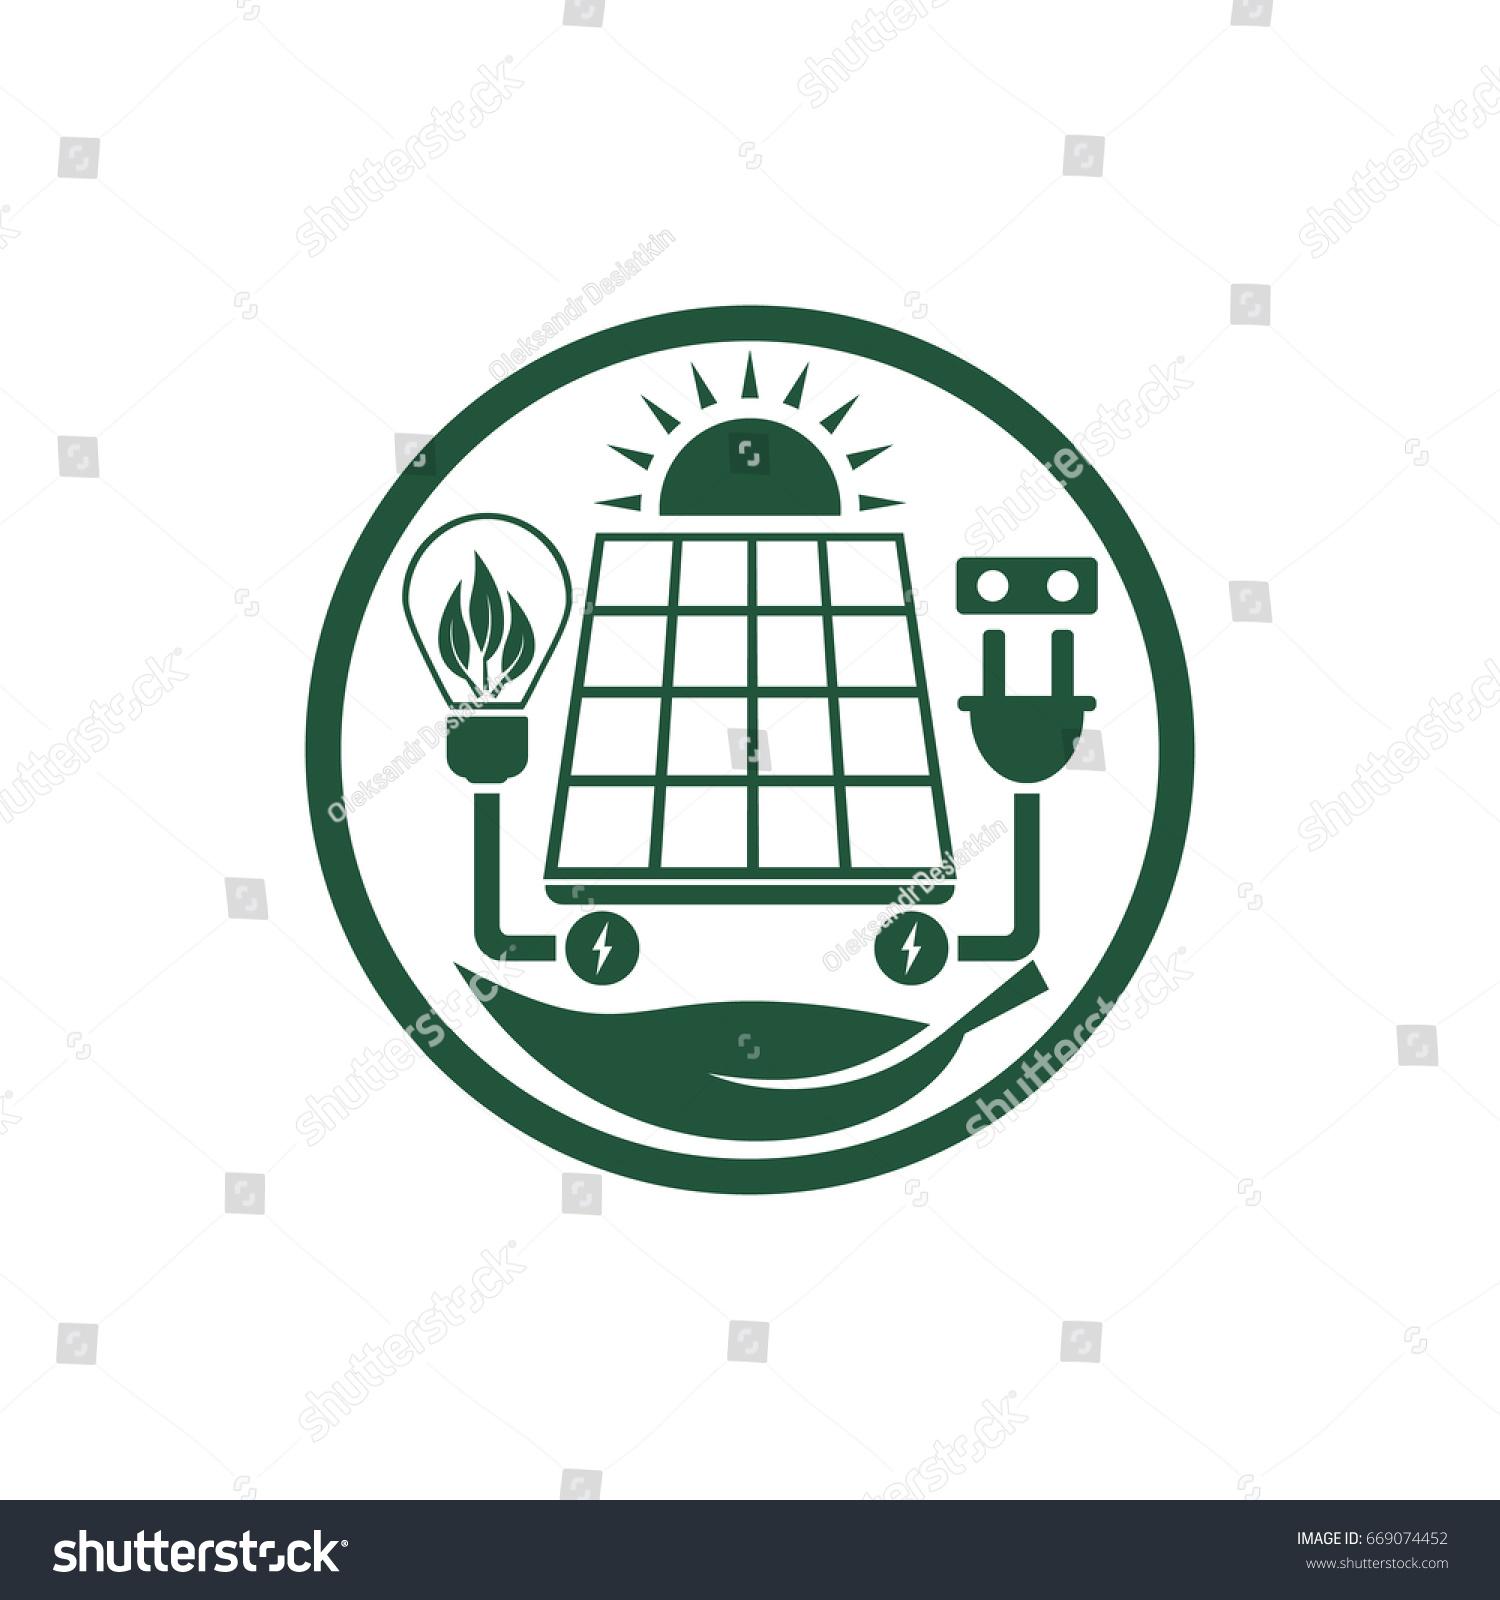 Fein Energiesystem Symbole Ideen - Der Schaltplan - triangre.info